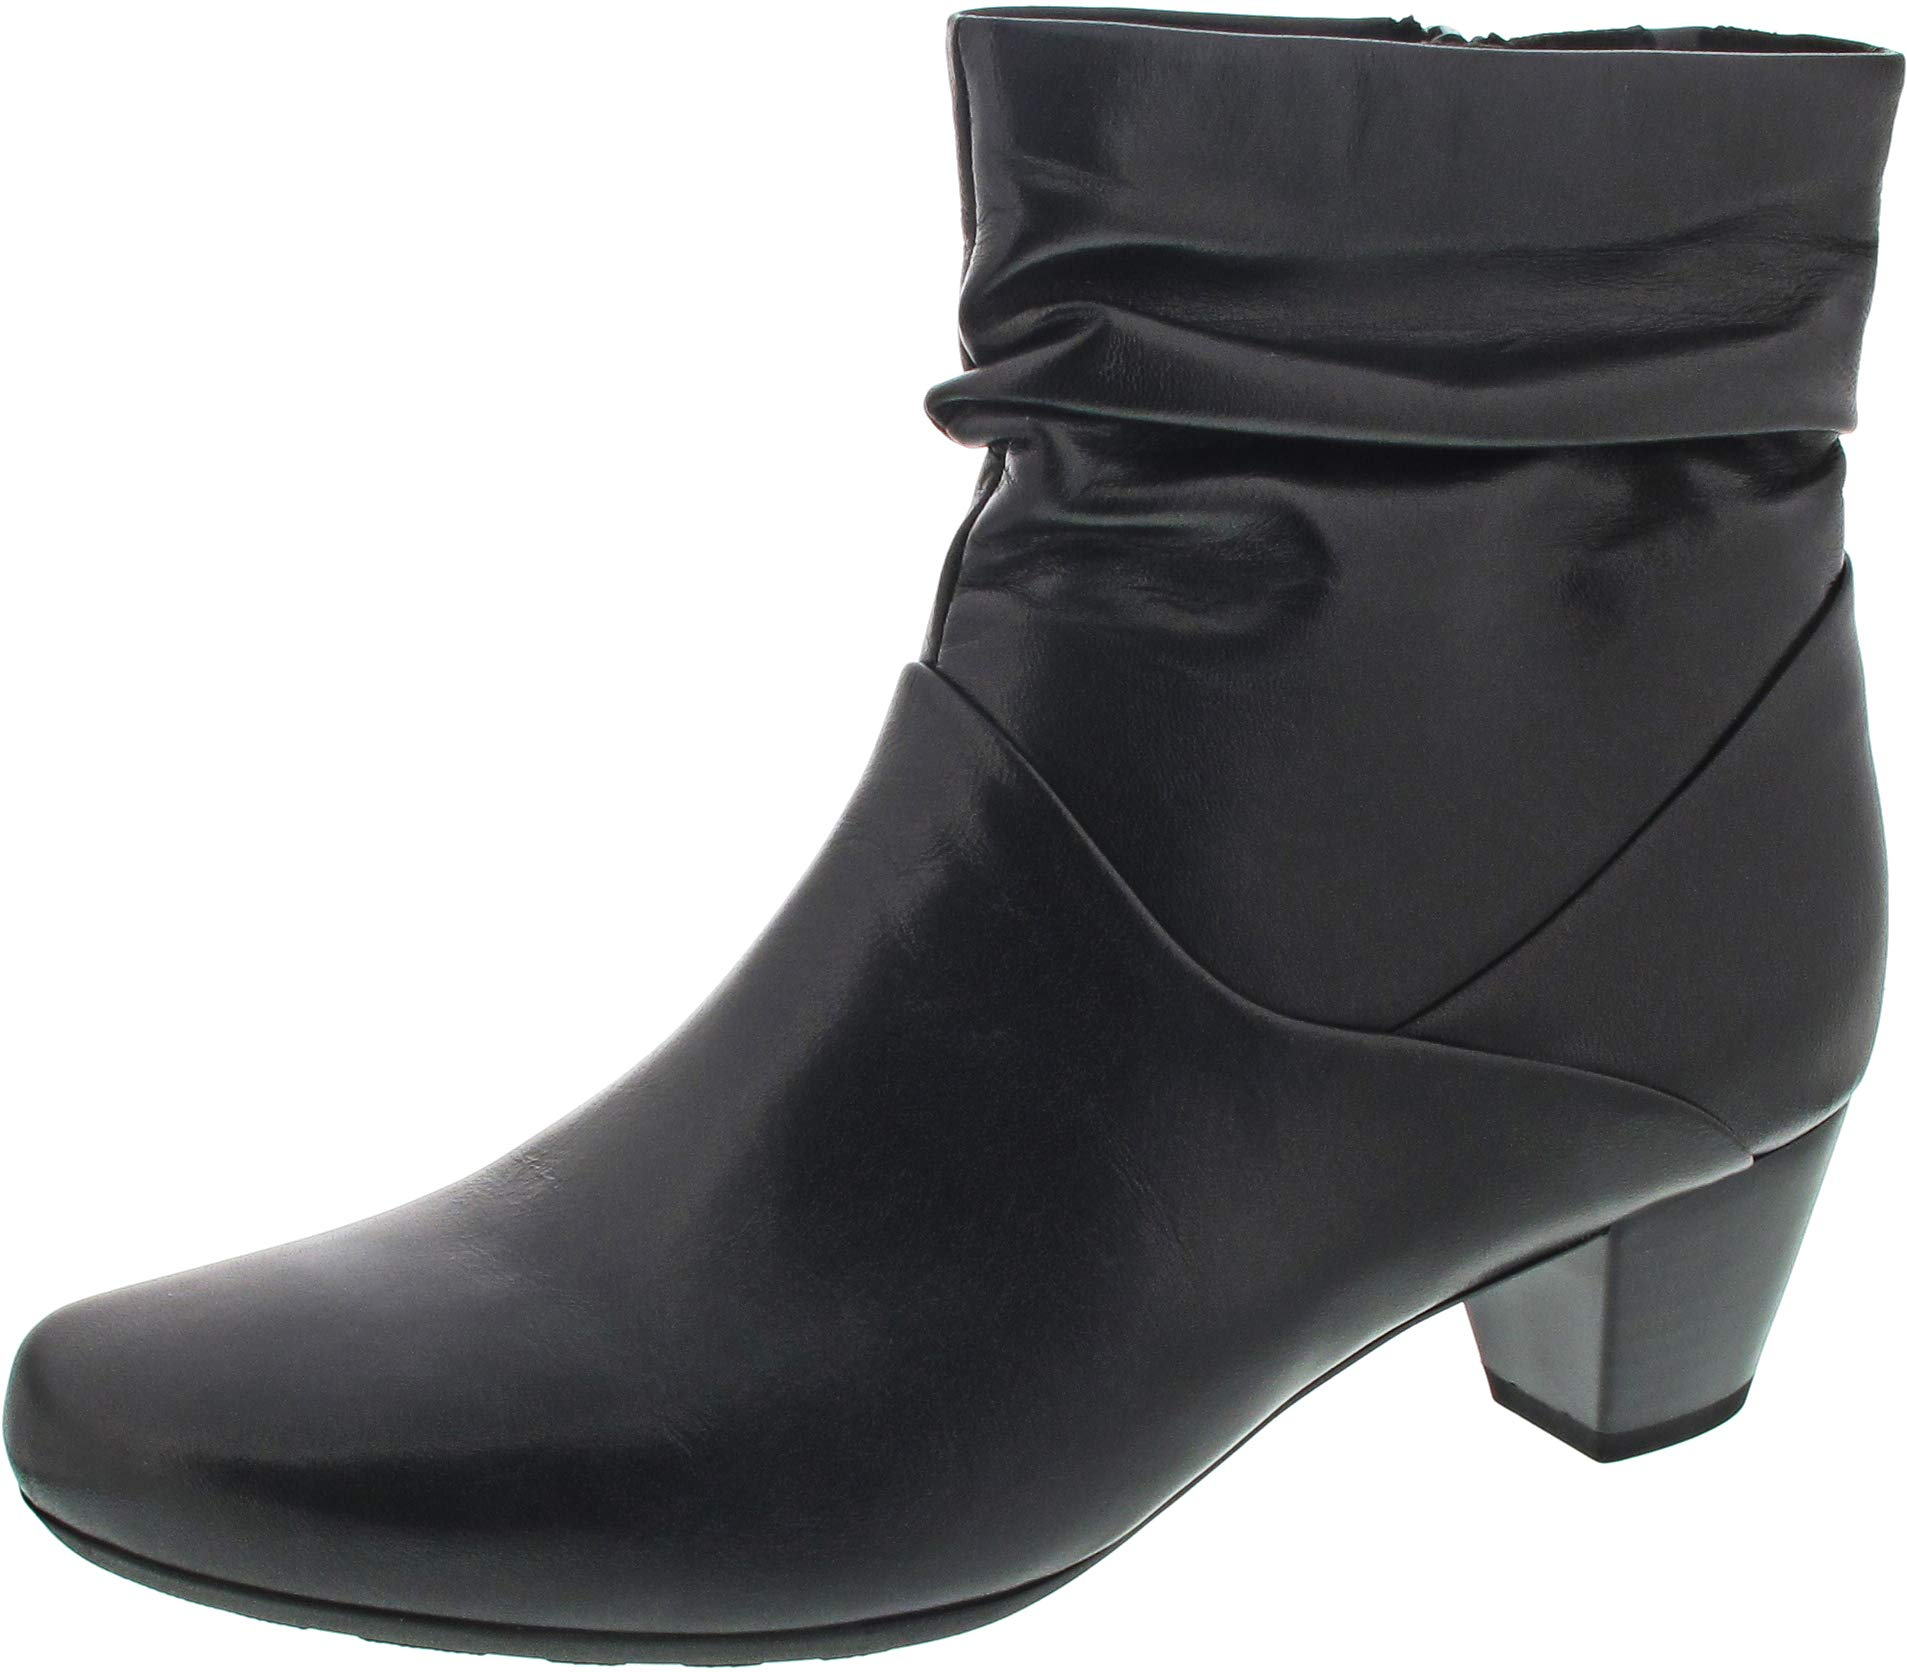 Shoes SportBotines FemmeNoirschwarzmicro5741 Eu Gabor Comfort yNwv8Omn0